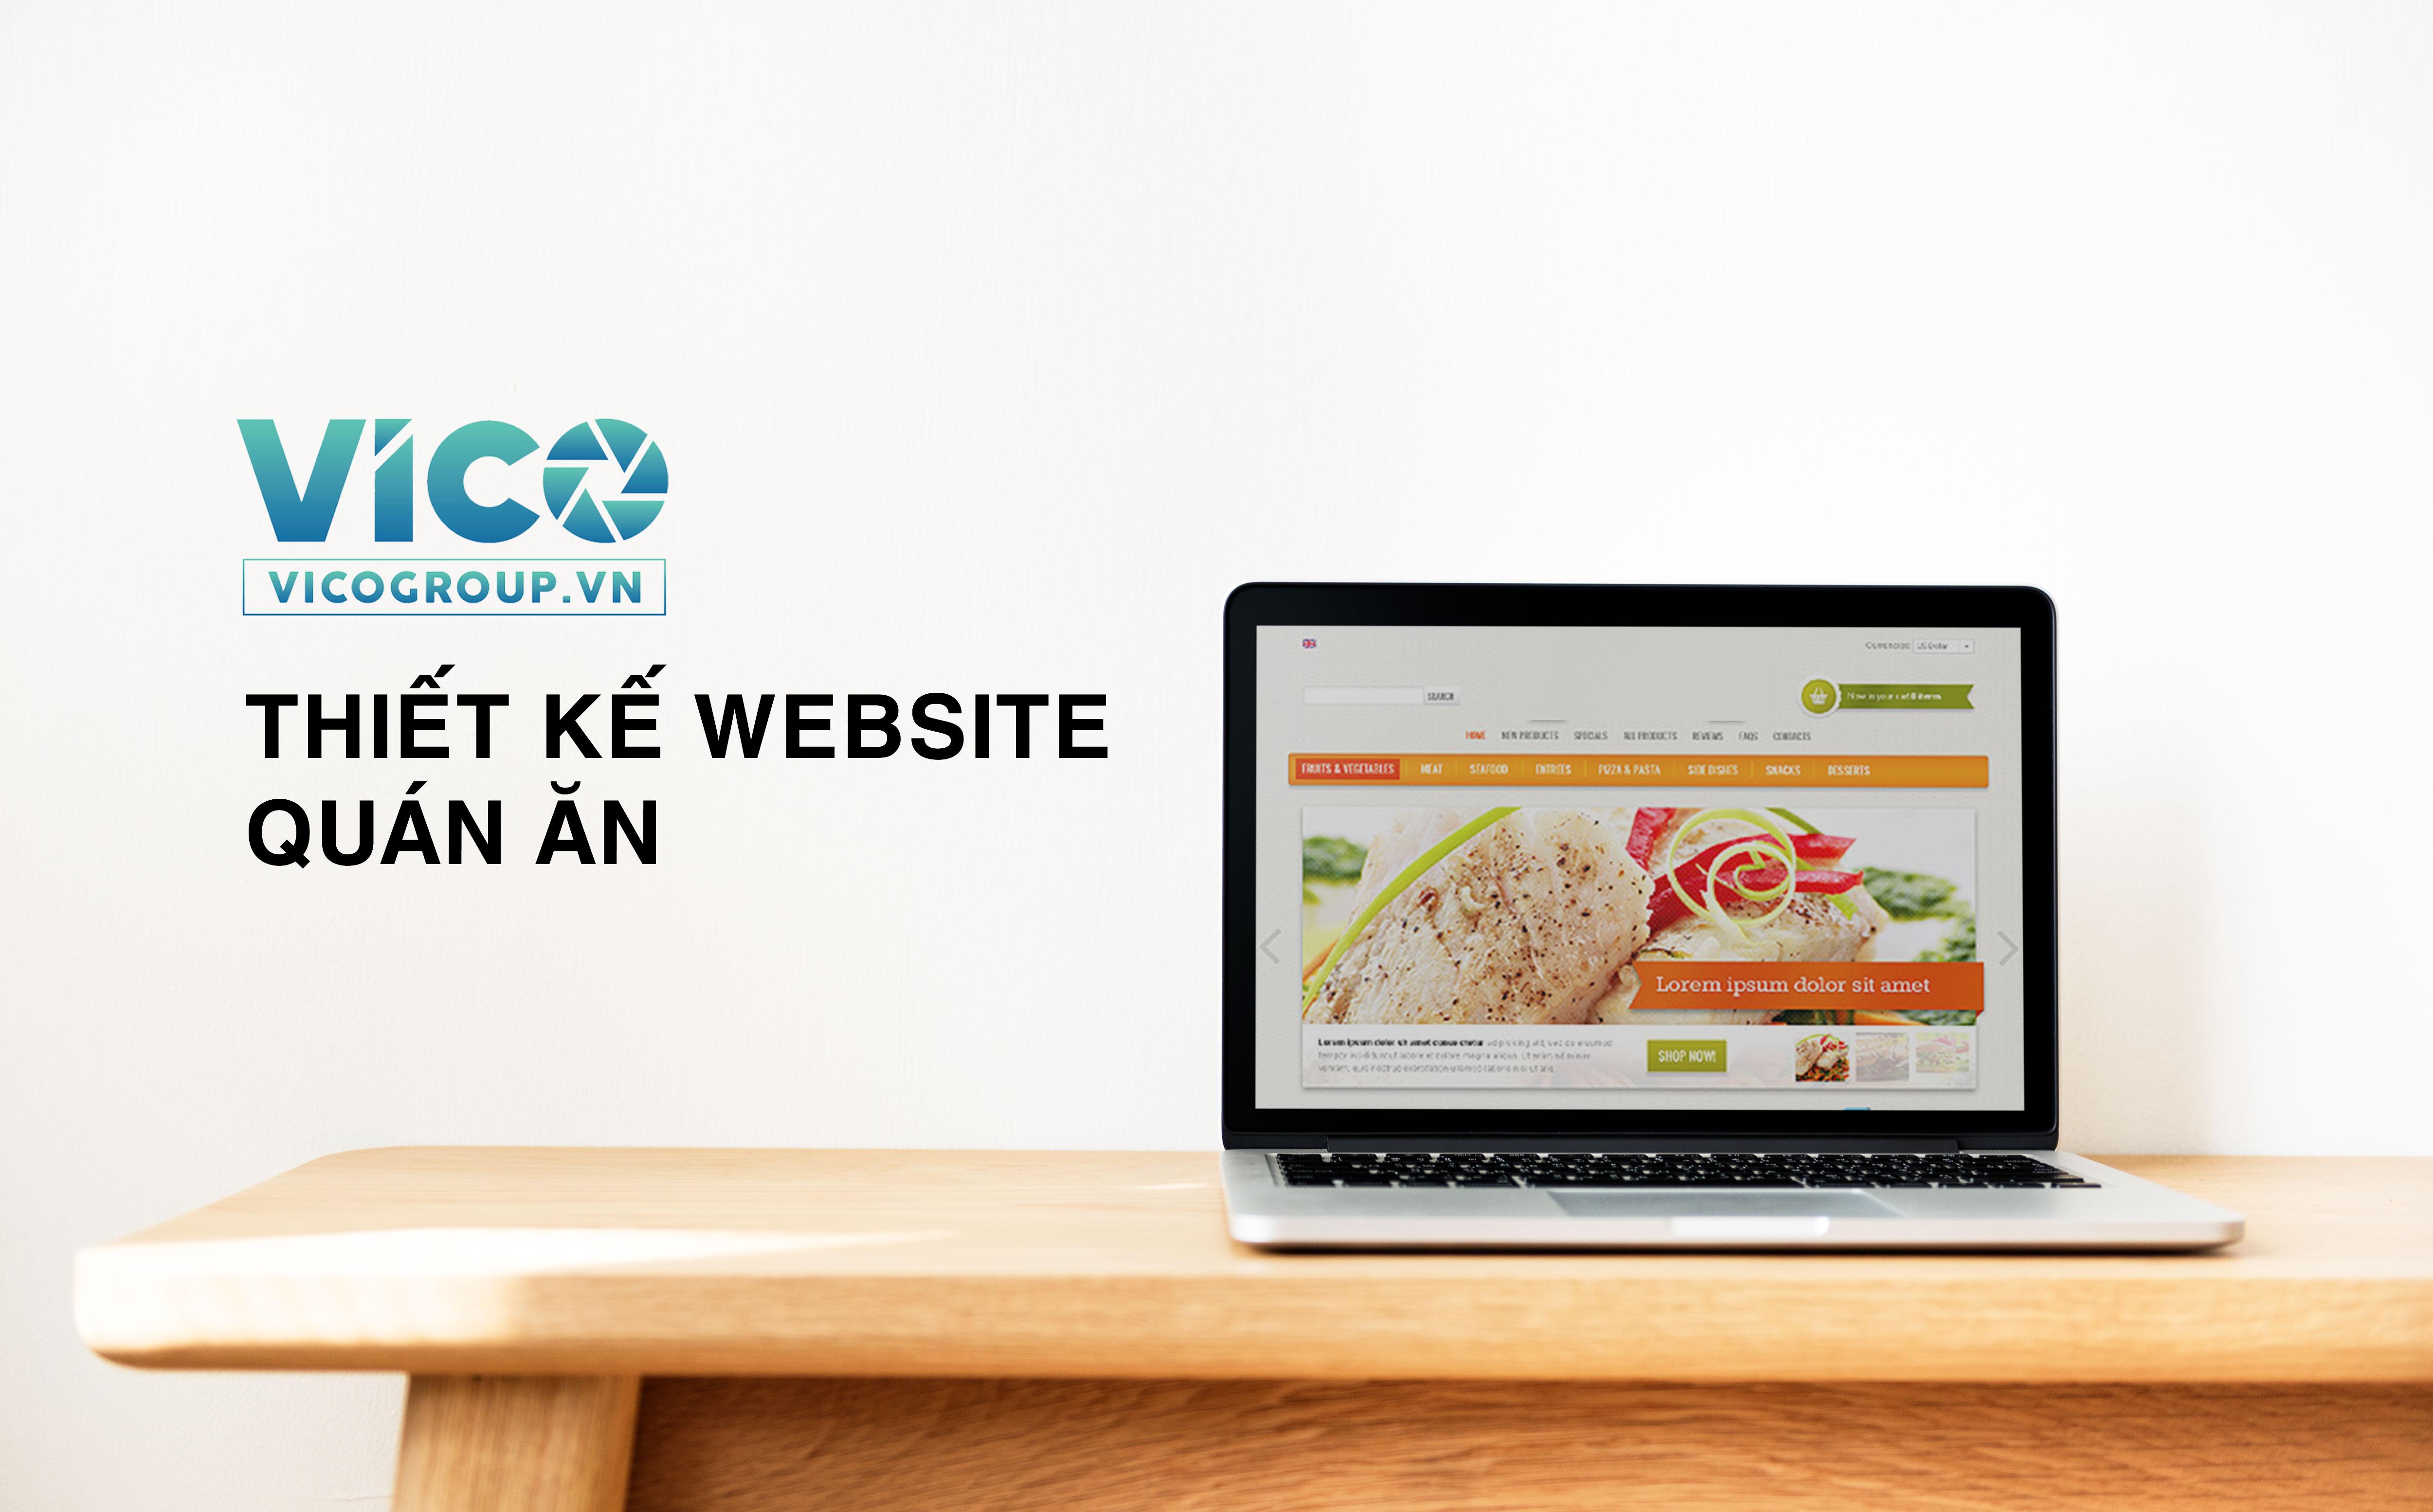 Thiết kế website quán ăn